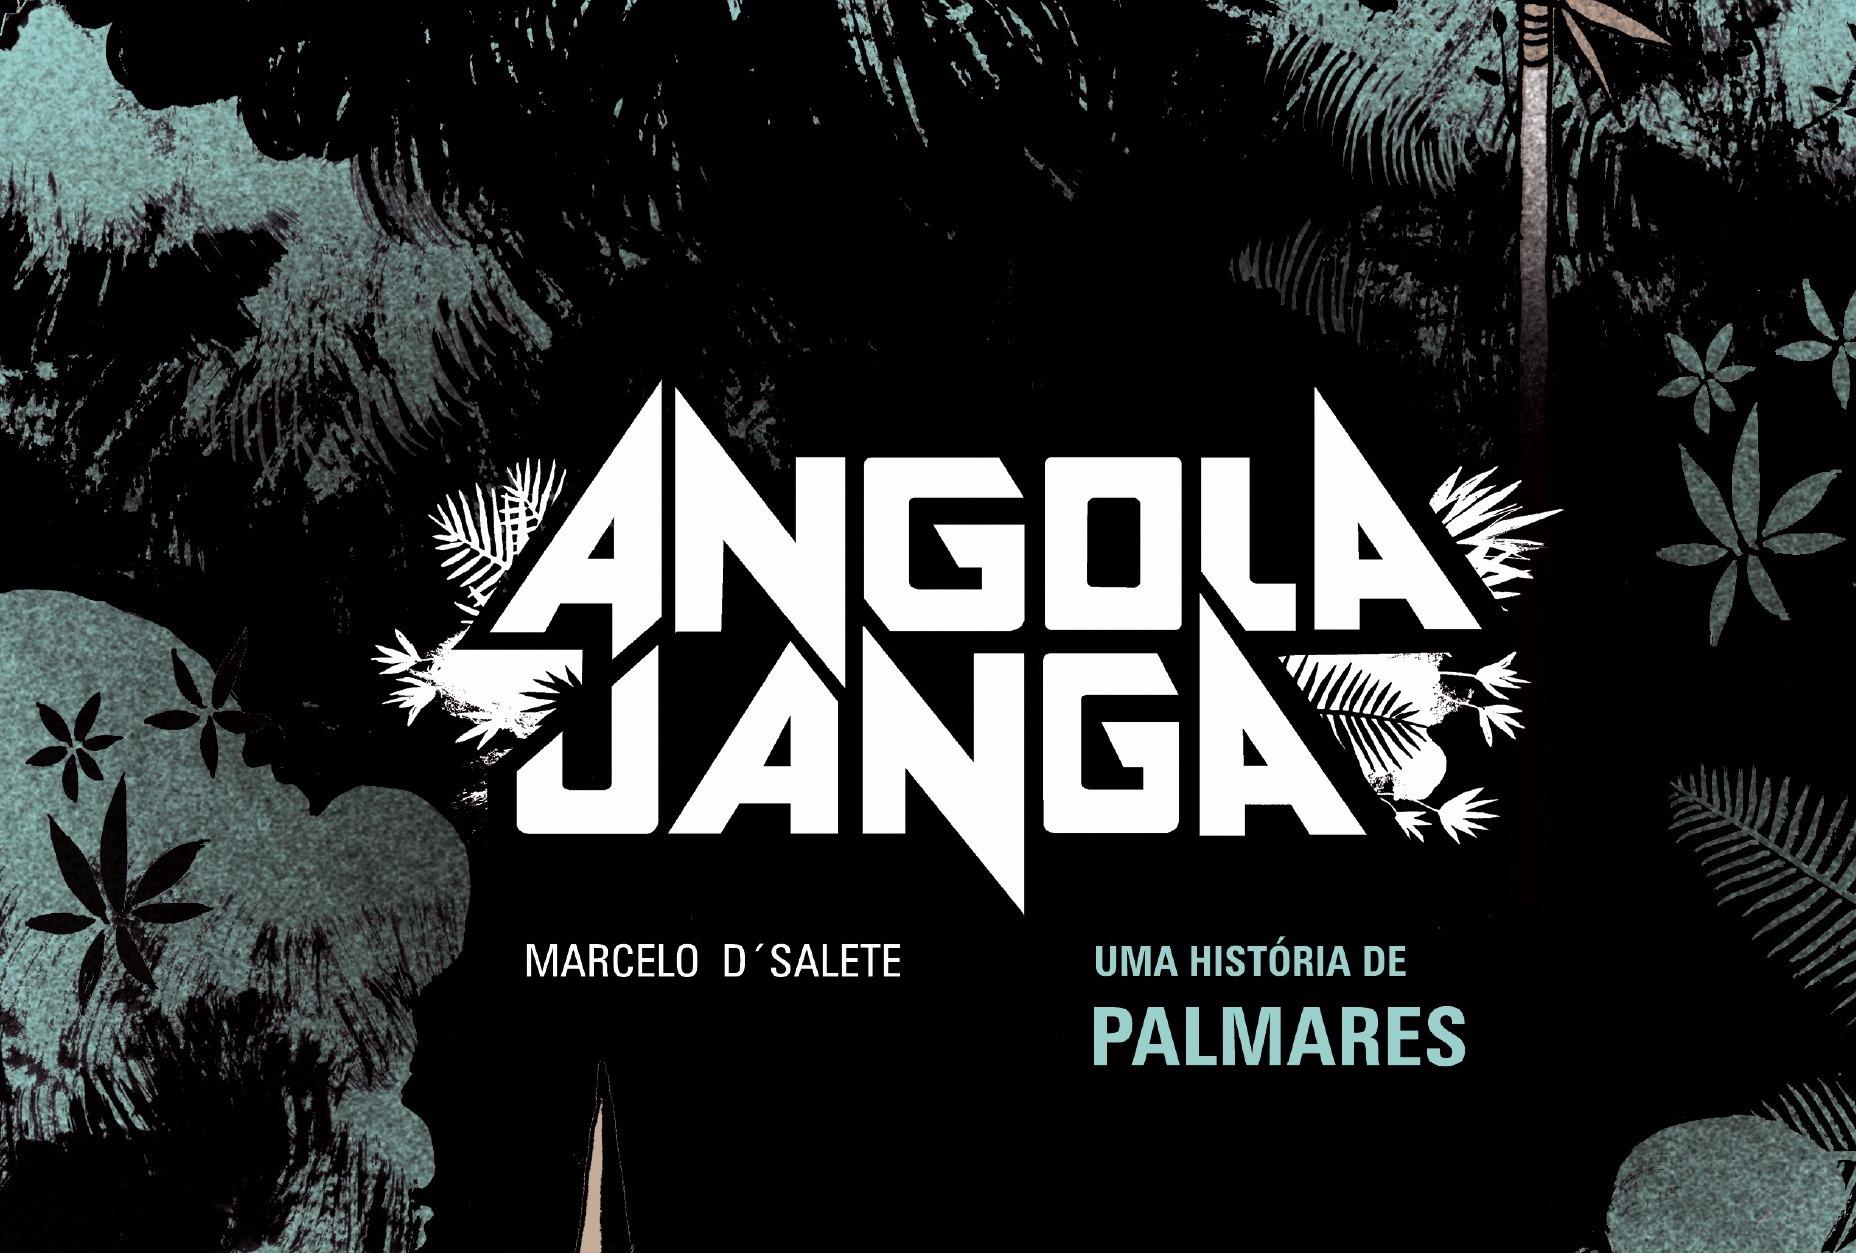 """Capa da grahic novel """"Angola Janga"""" (Veneta), de Marcelo D'Salete"""